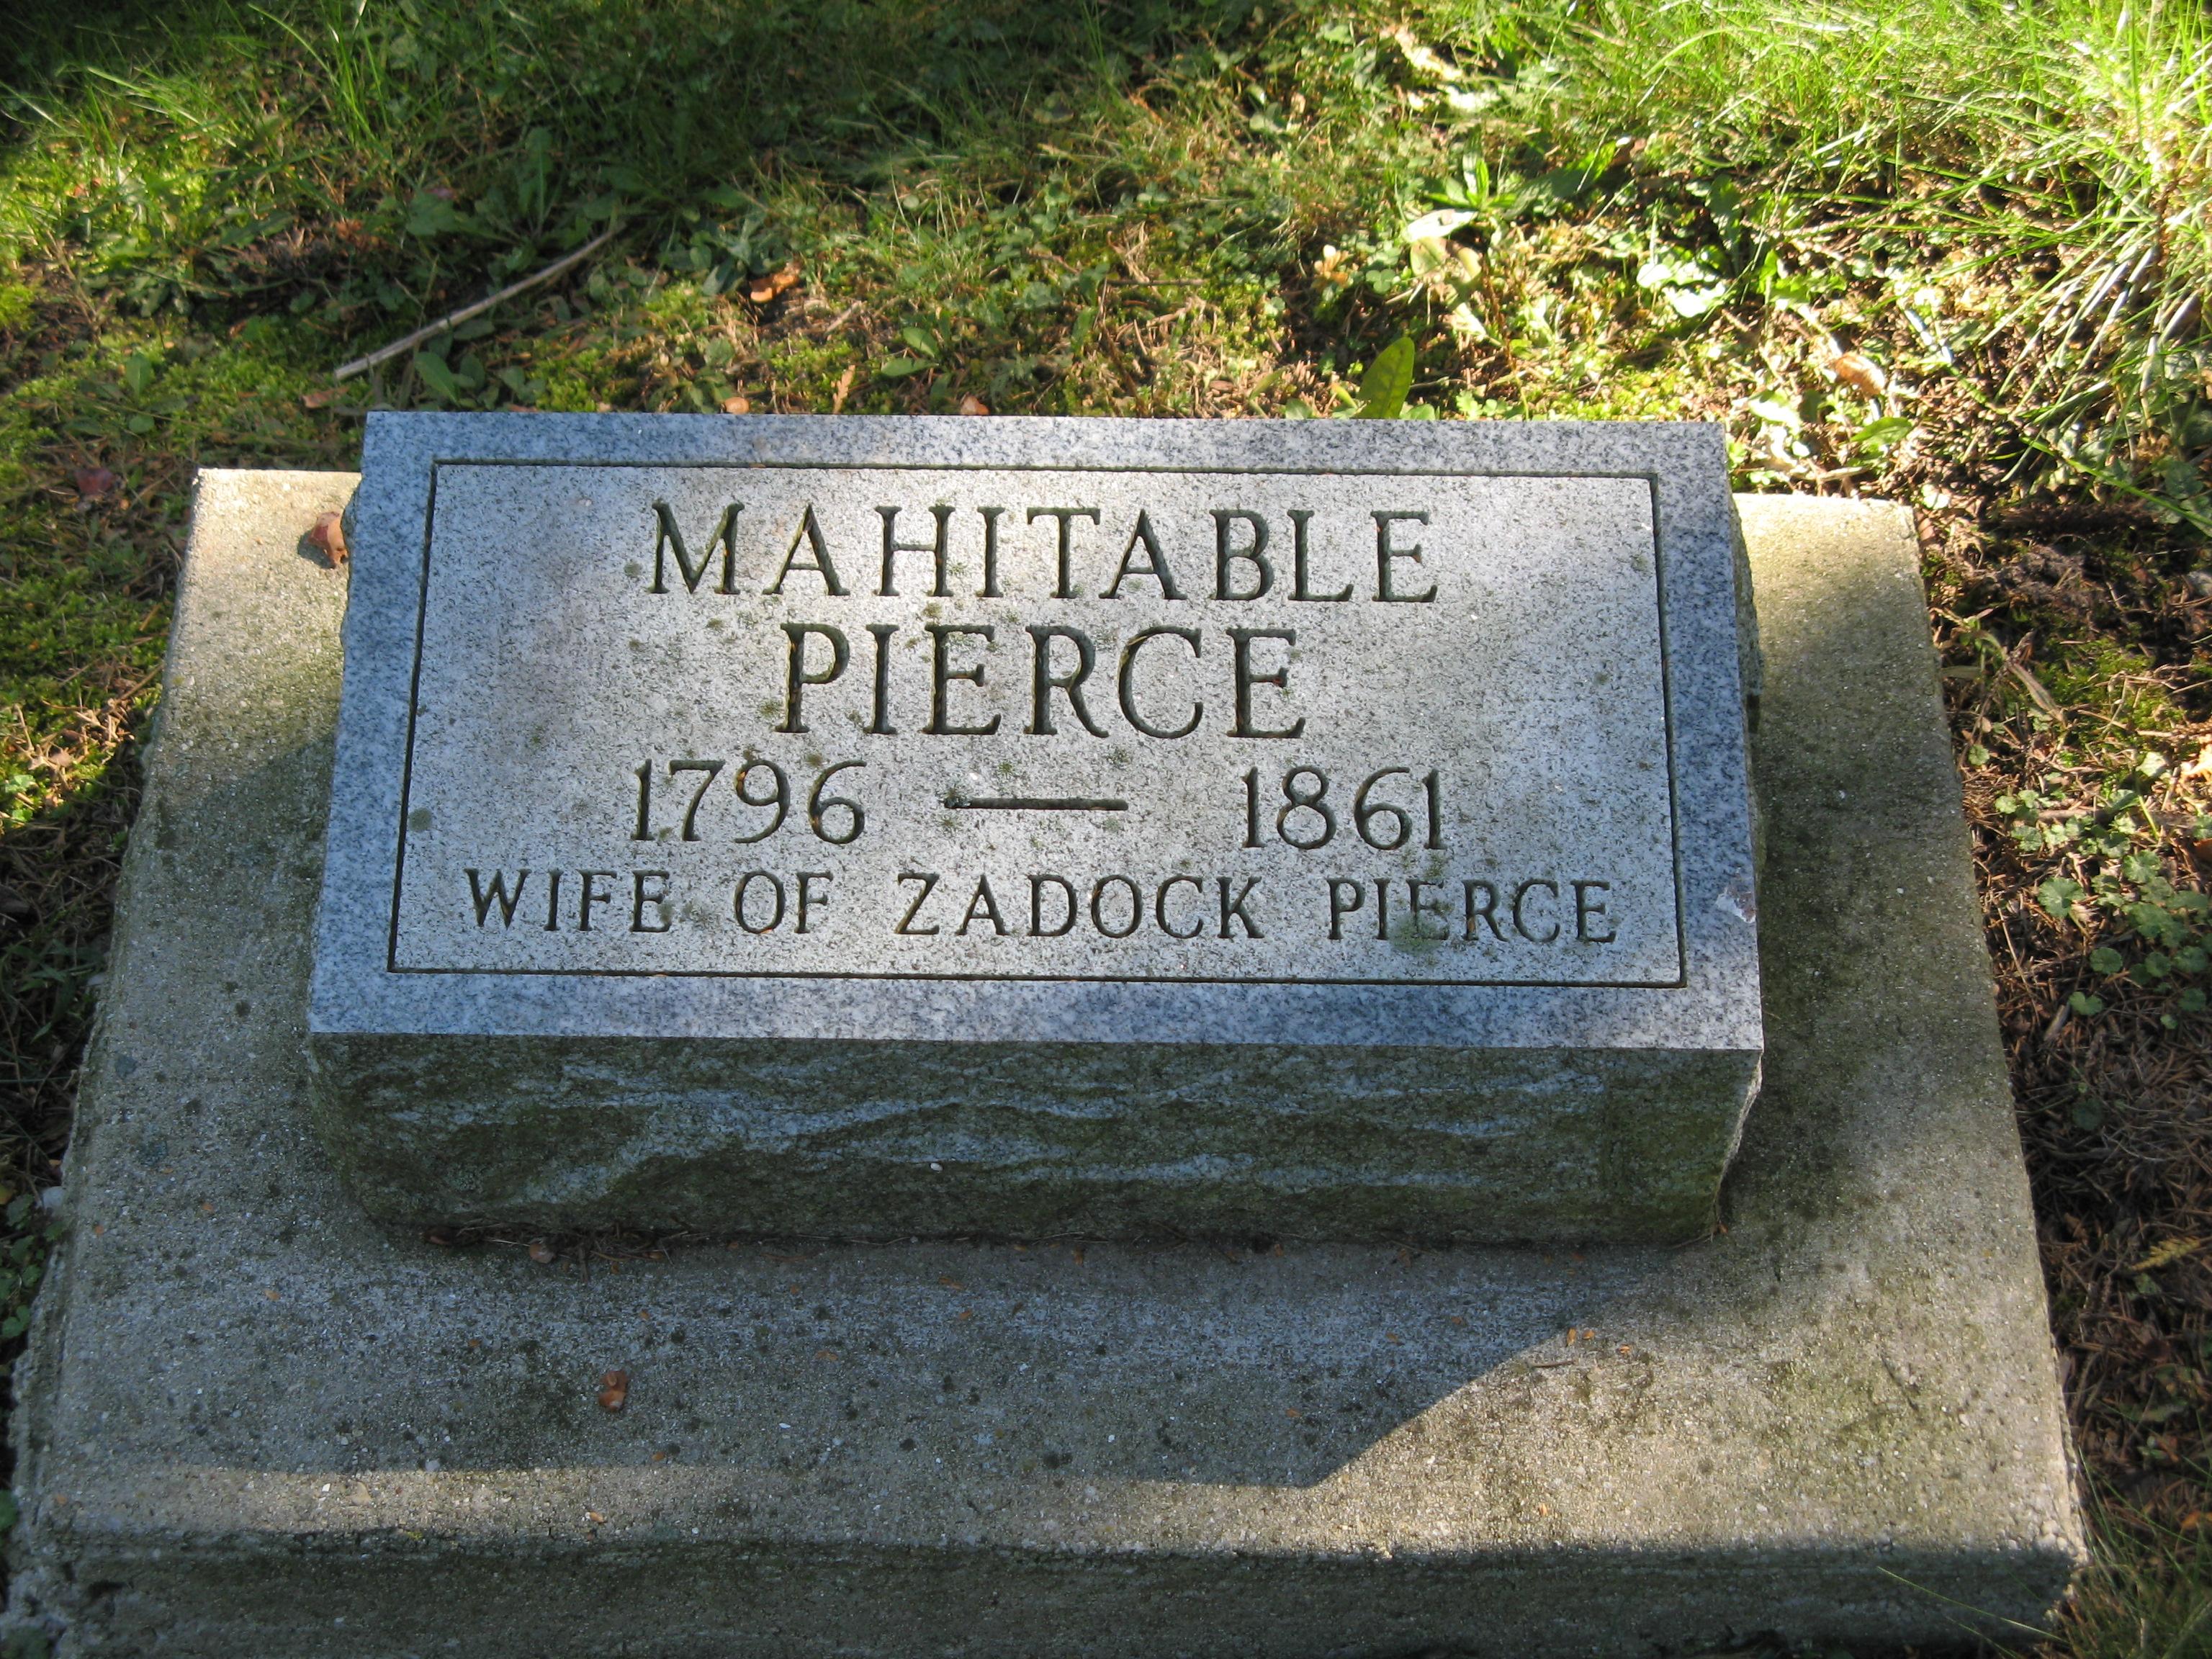 Mahitable